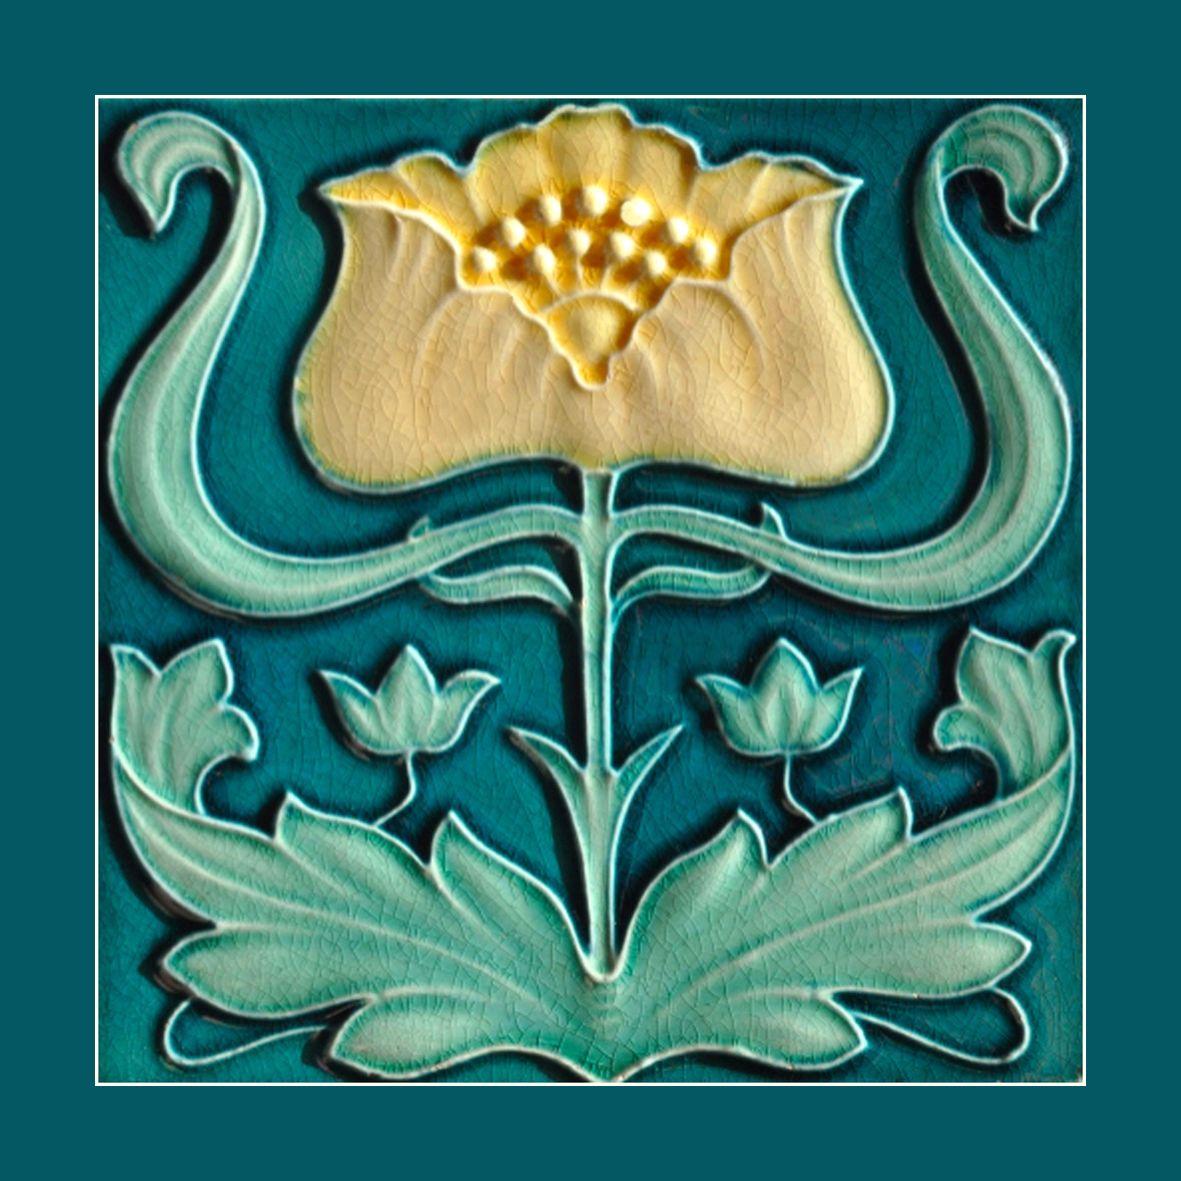 22 original art nouveau tile by j c edwards 1907 courtesy 22 original art nouveau tile by j c edwards 1907 courtesy robert smith dailygadgetfo Images